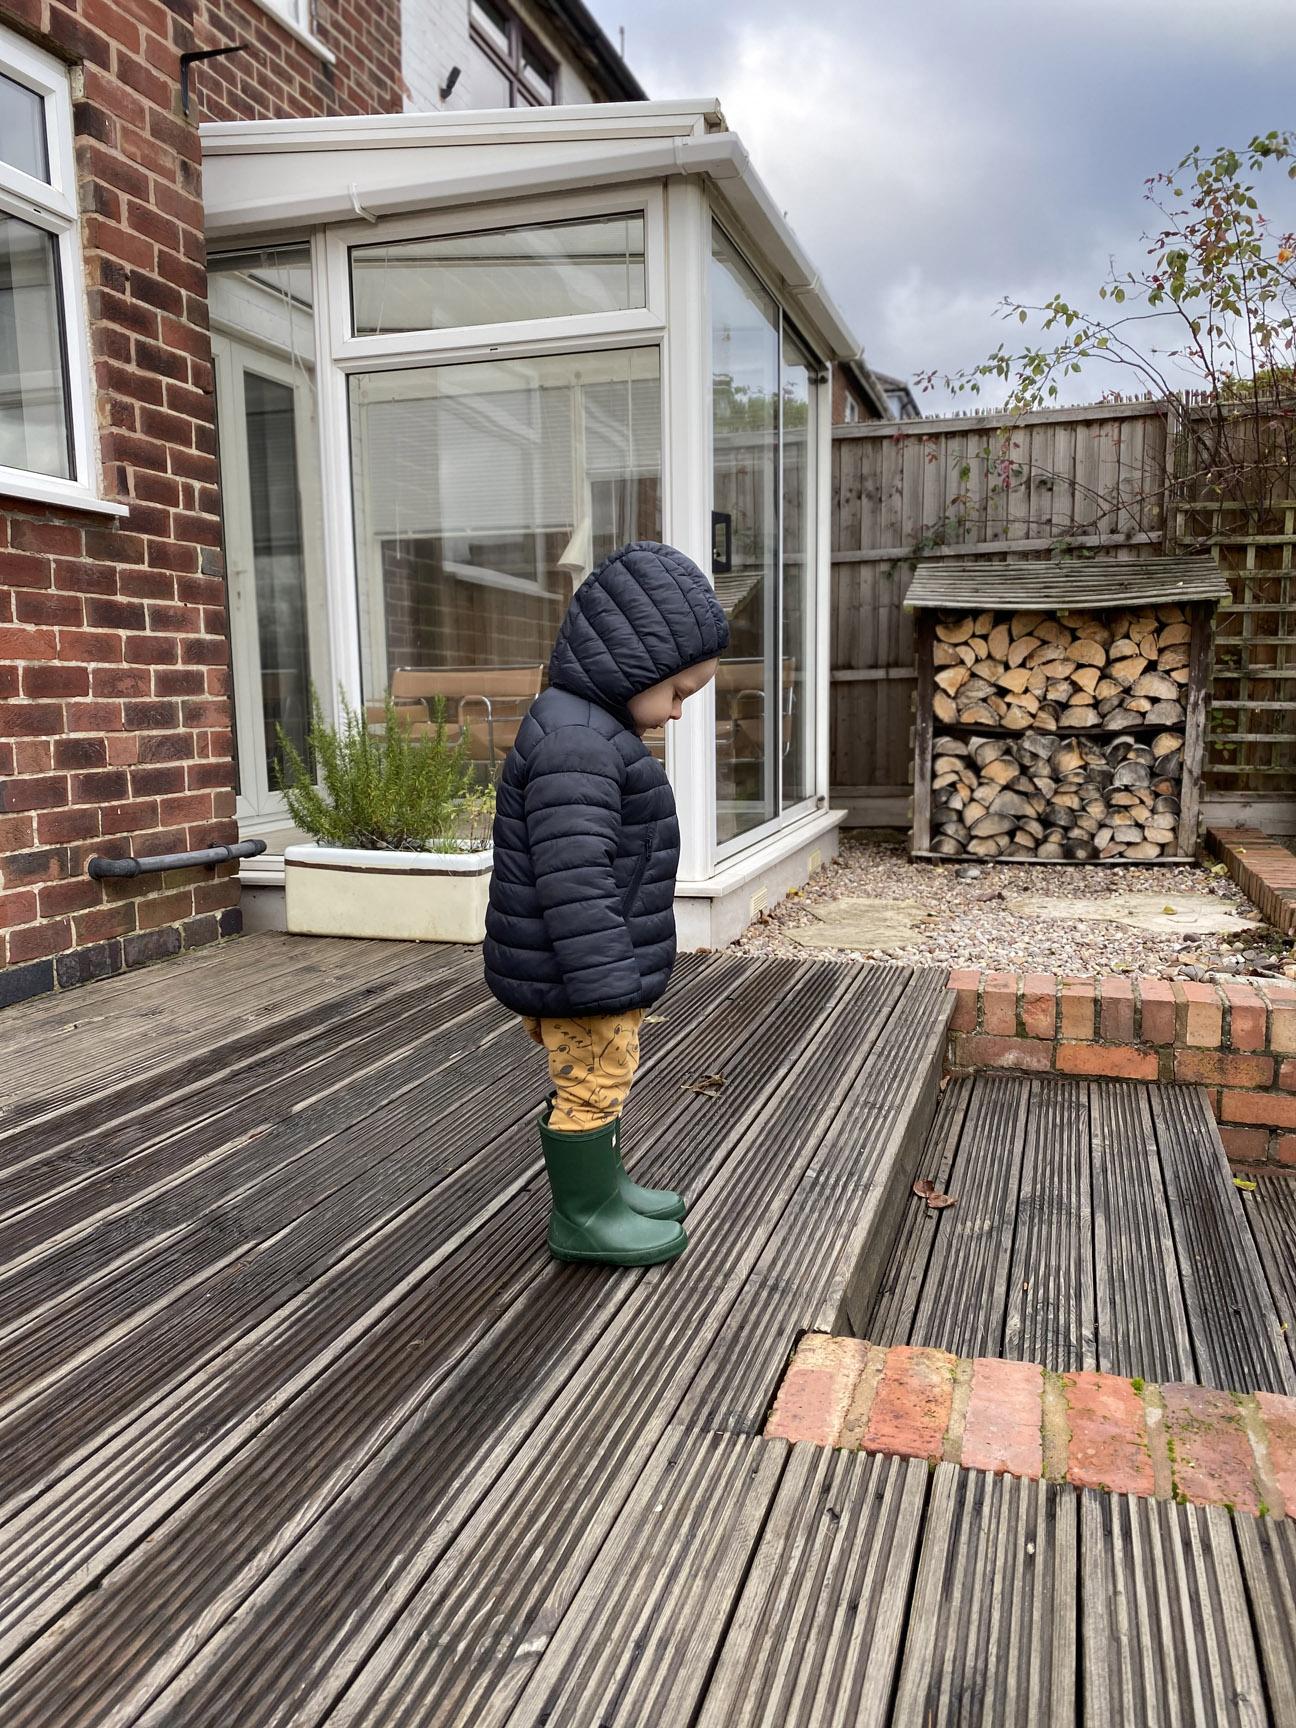 dziecko w ogrodzie by fashion art media